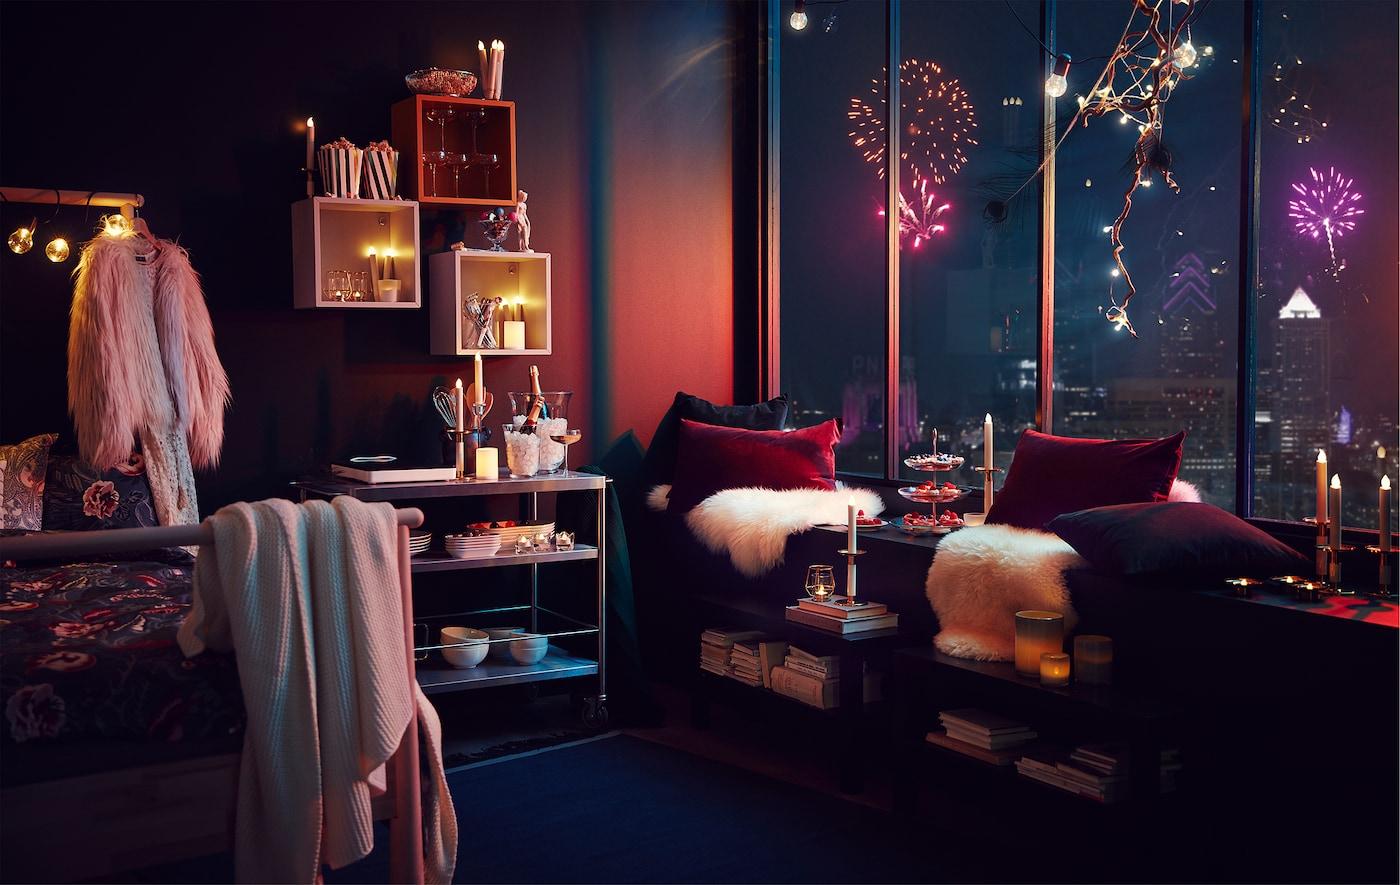 Wnętrze mieszkania z imprezowymi dekoracjami i oświetleniem; fajerwerki nad miastem widoczne przez wysokie okna.